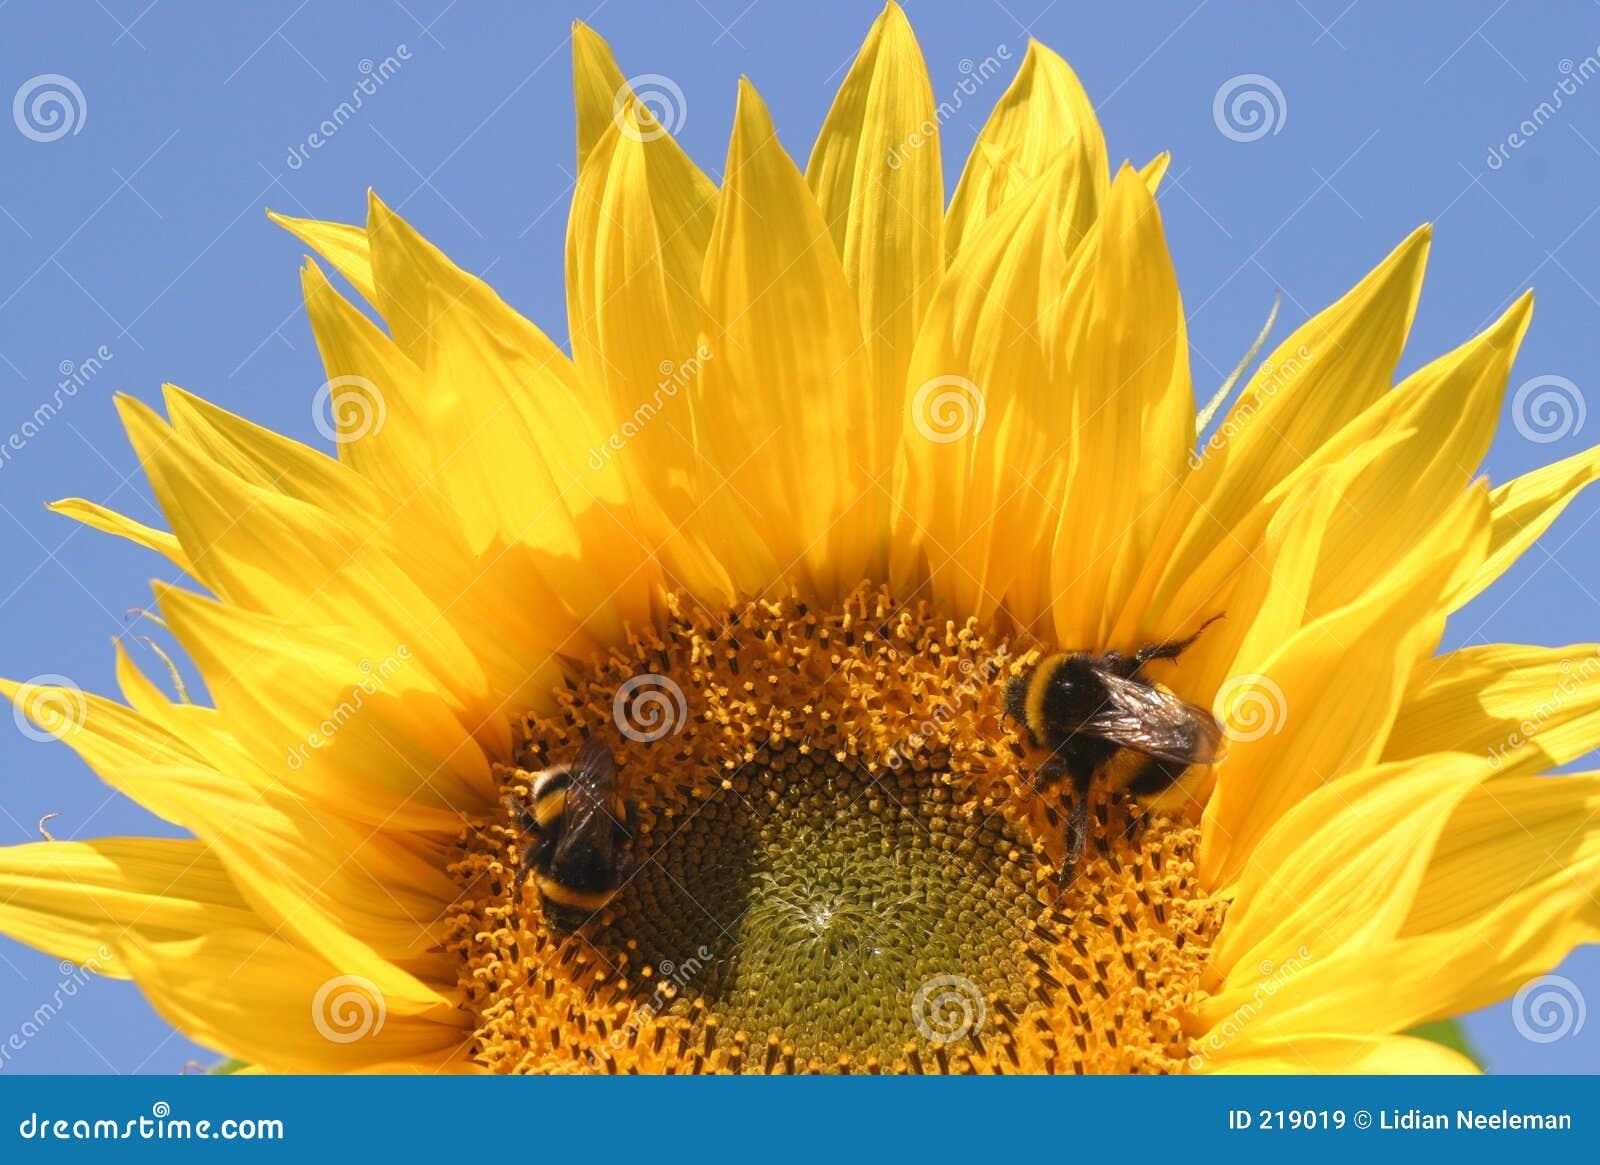 2 pszczoły słonecznikowej